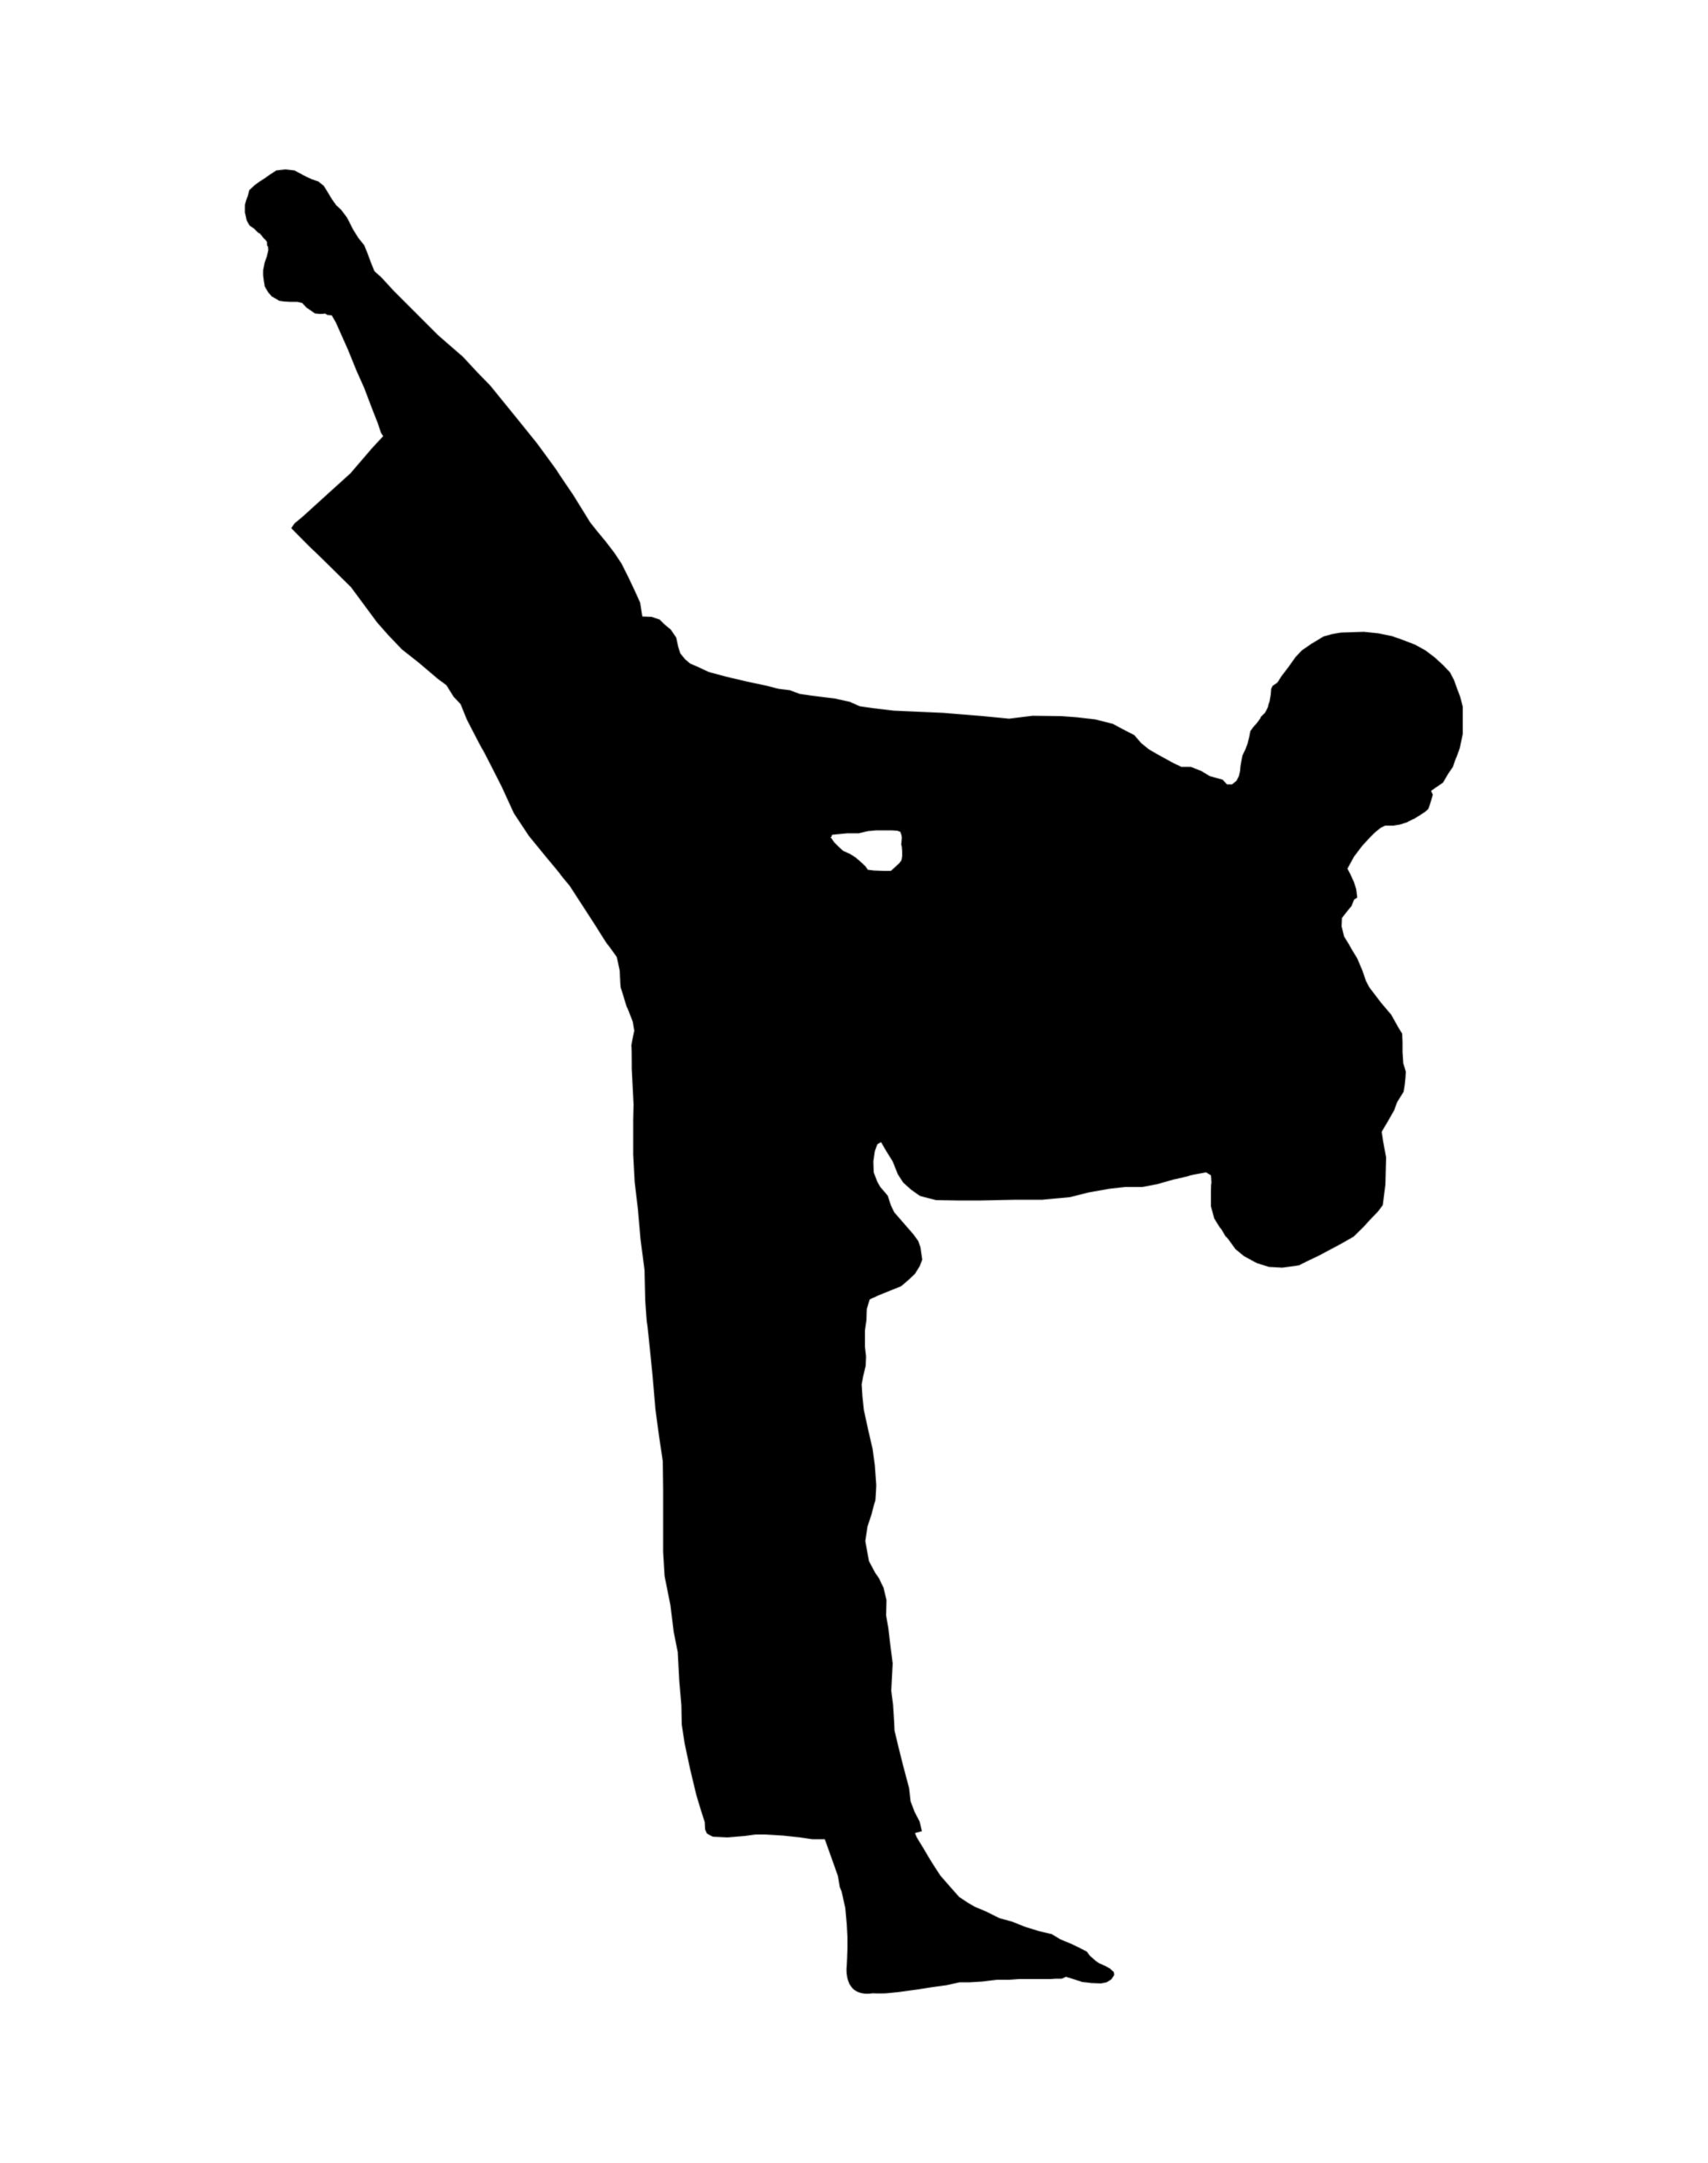 Taekwondo logo clipart image royalty free stock Taekwondo Clipart | Free download best Taekwondo Clipart on ... image royalty free stock